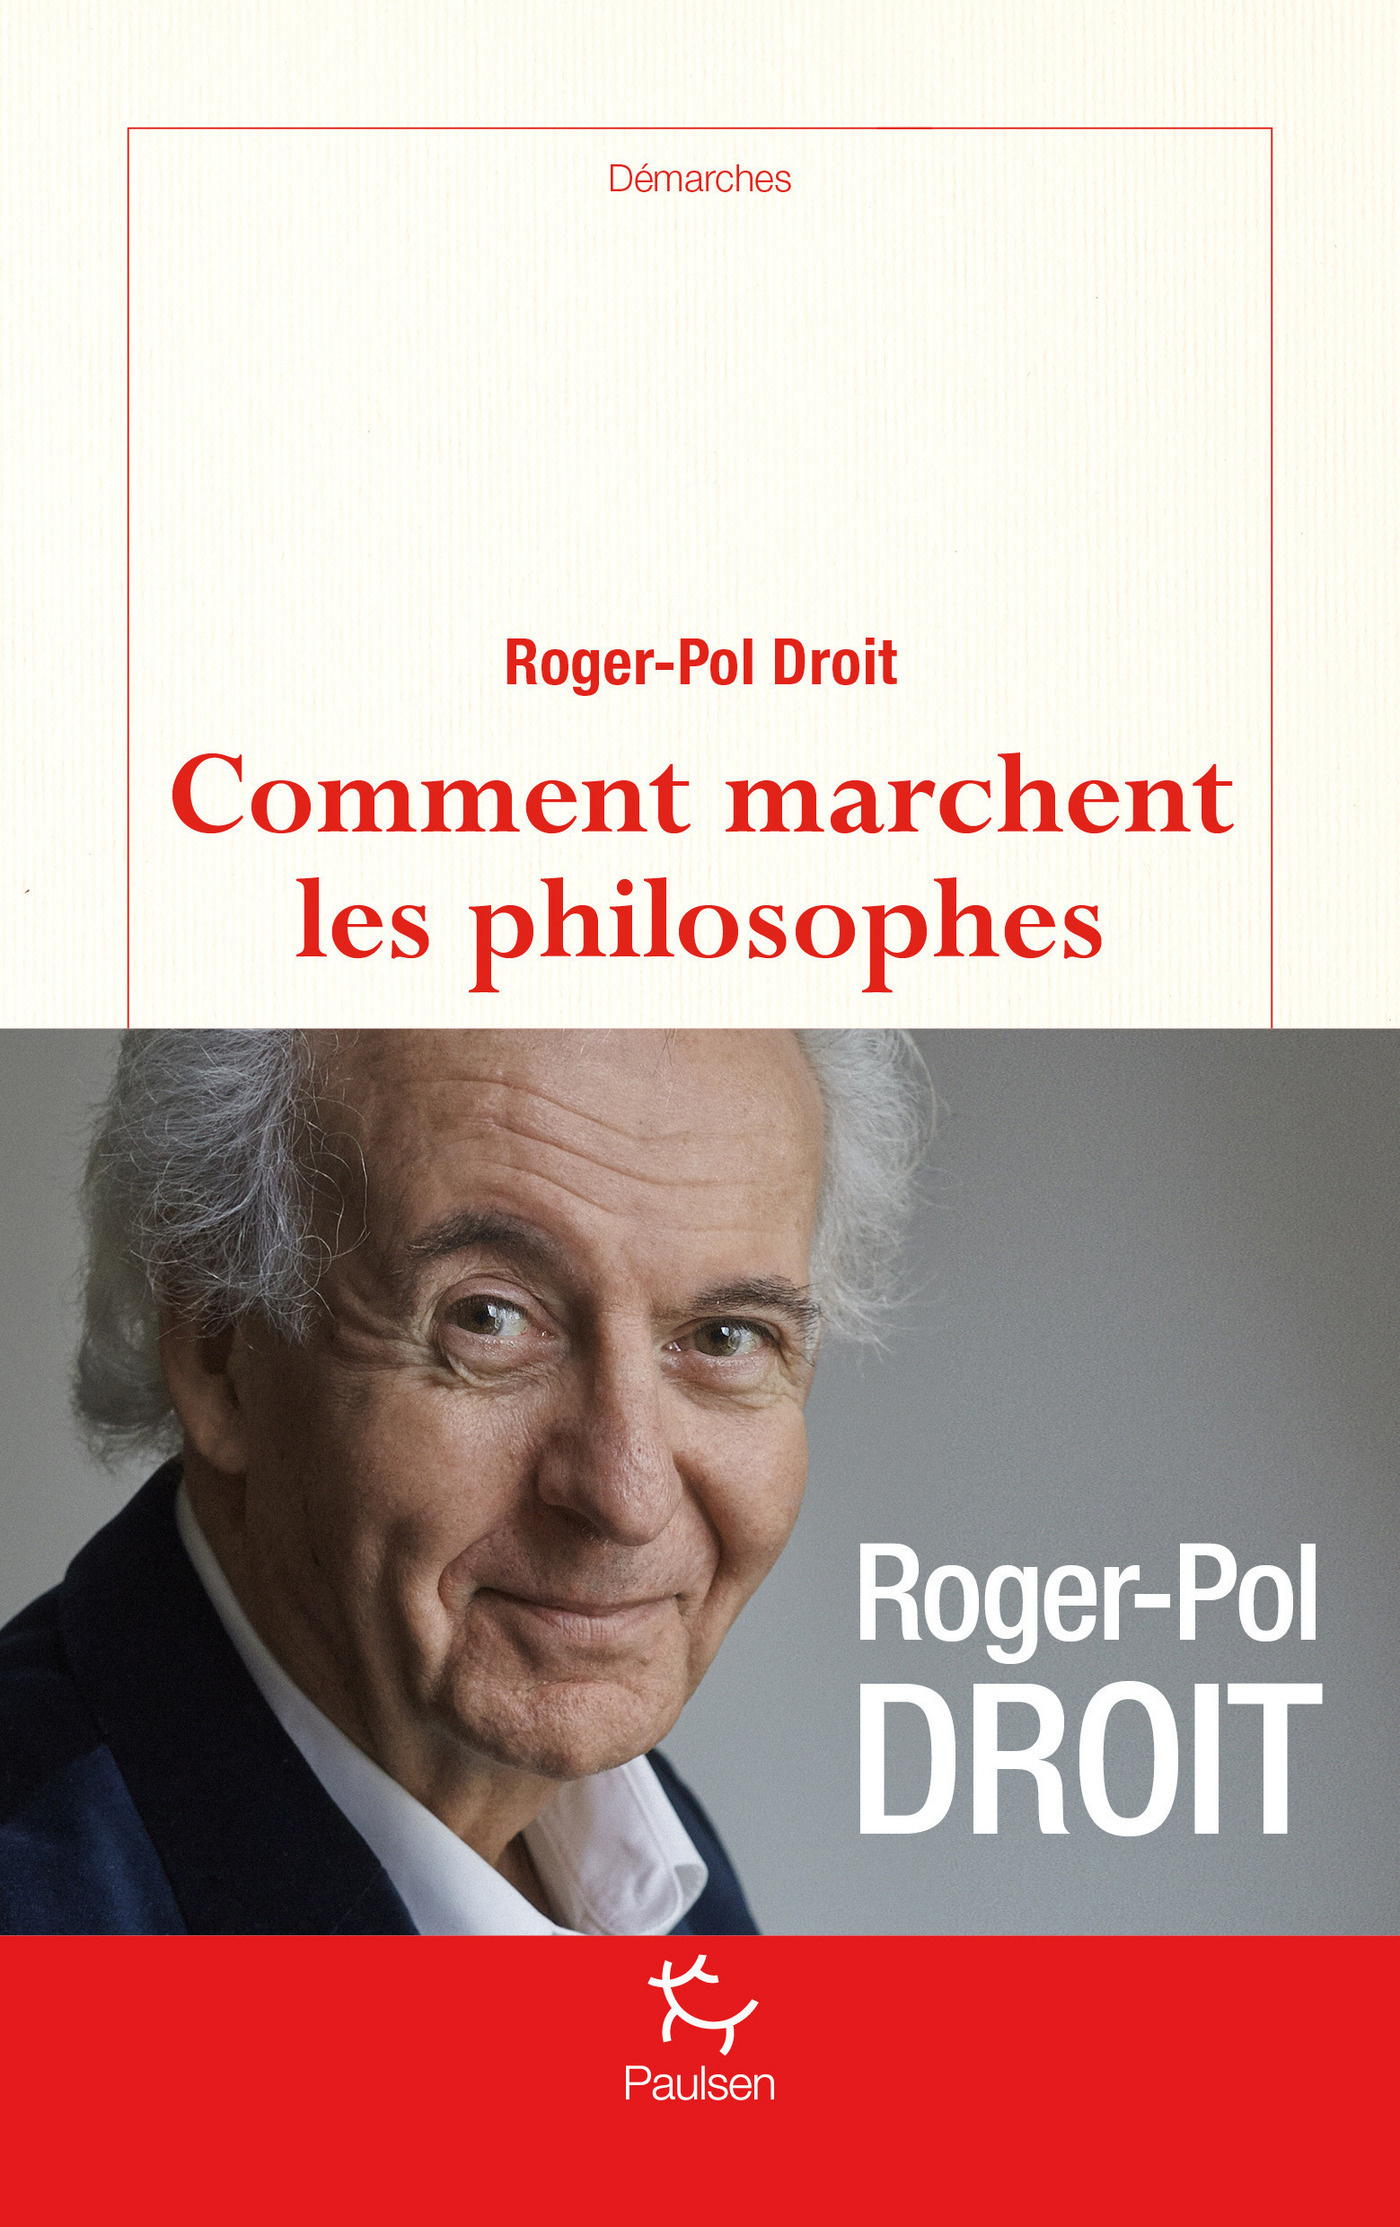 Comment marchent les philosophes